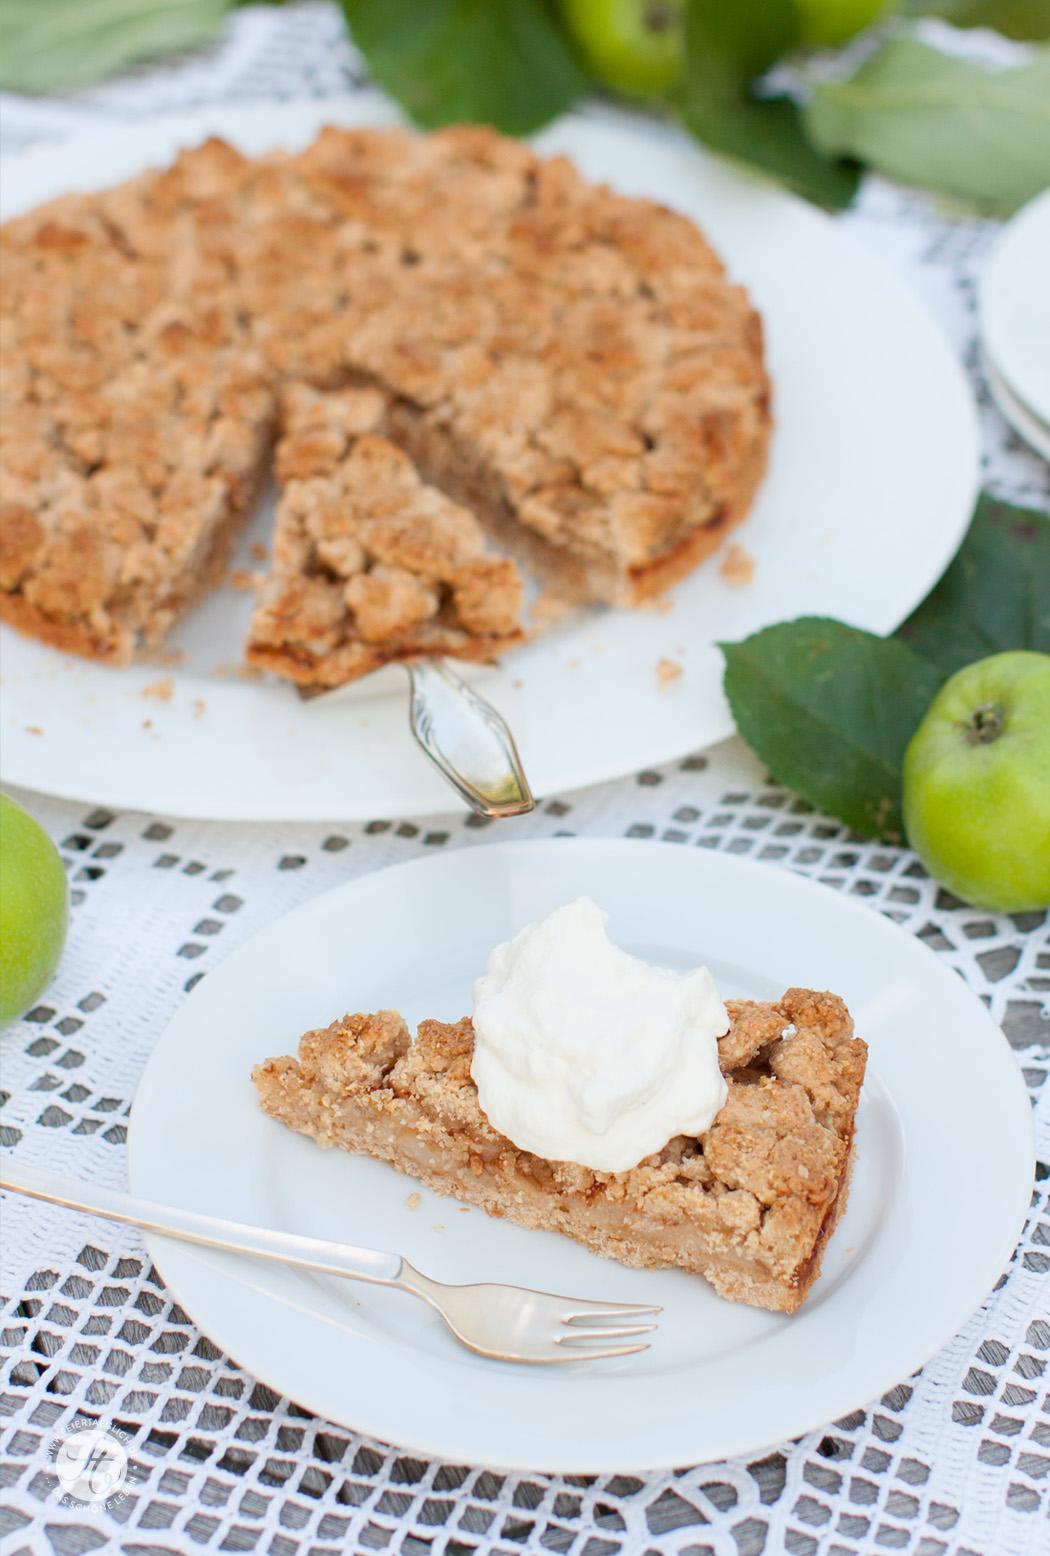 Rezept für Apfel-Knusper-Tarte mit Streuseln und Zimt von feiertäglich